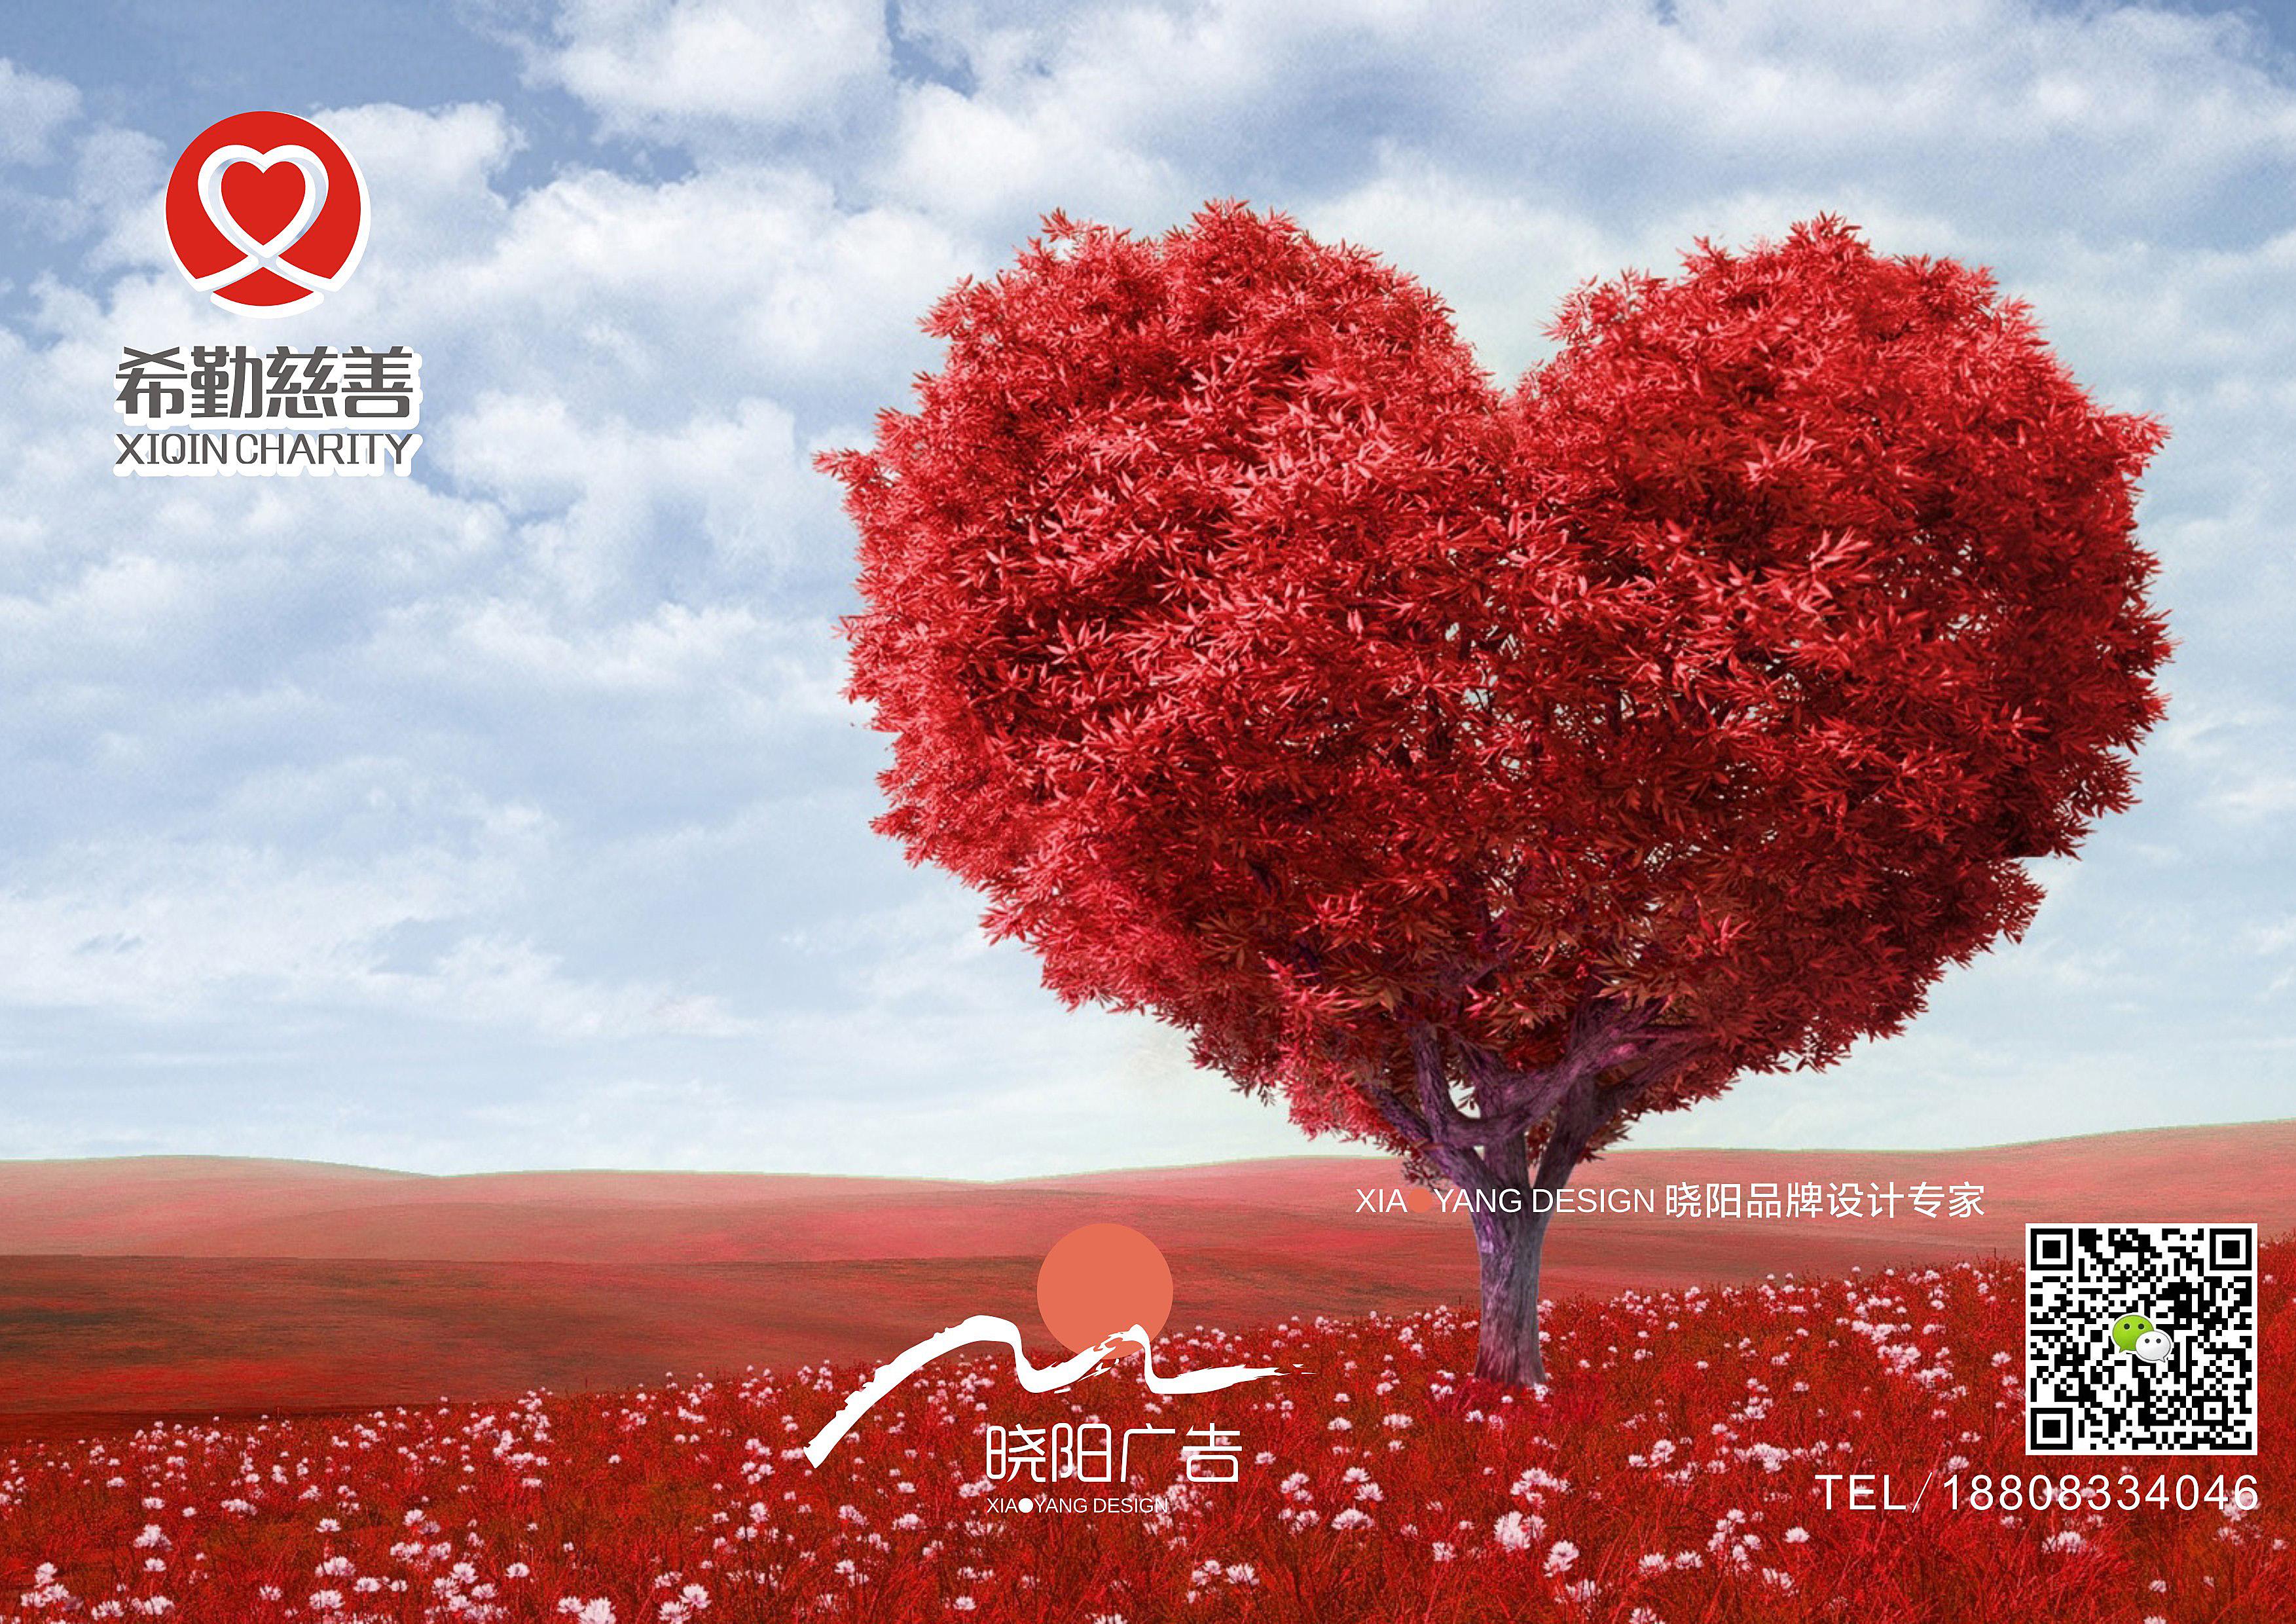 慈善机构LOGO_3018118_k68威客网